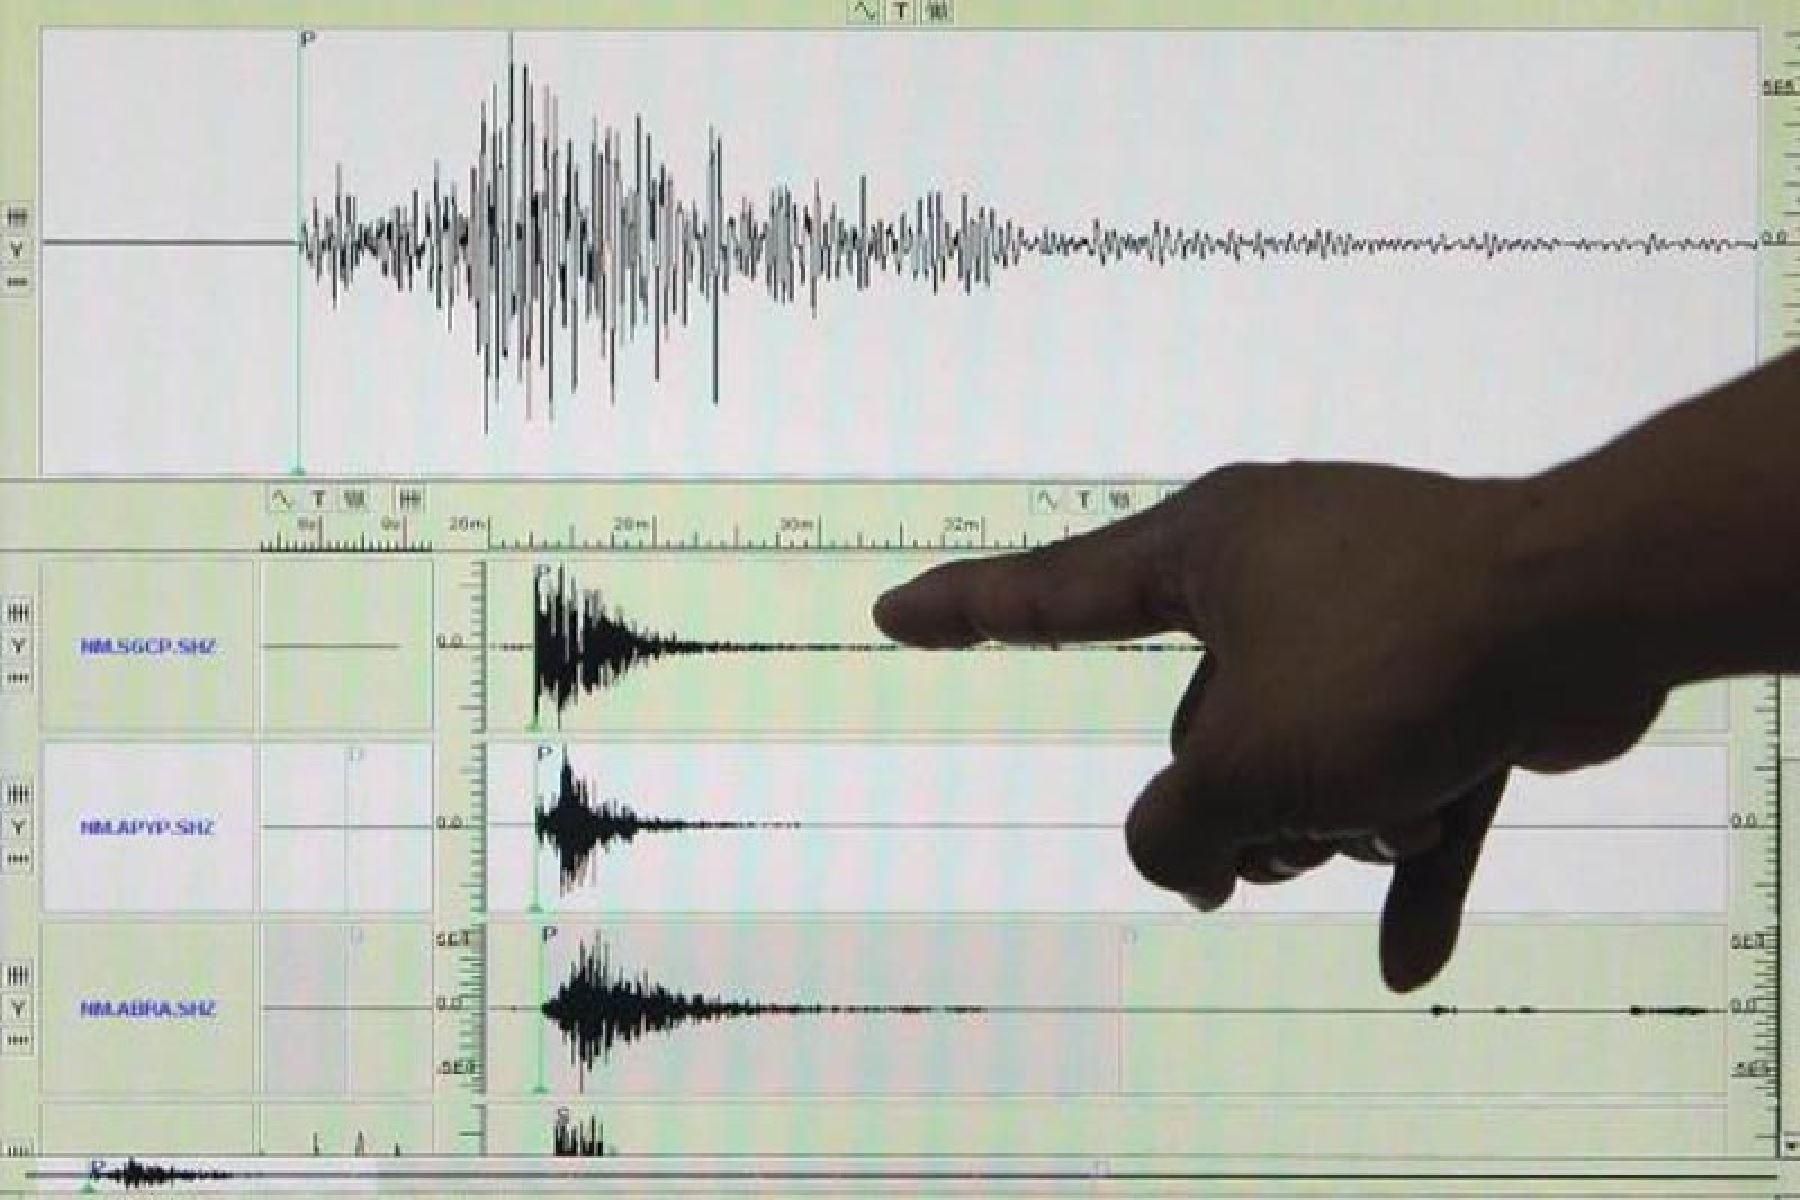 Dos sismos de moderada intensidad se registraron hoy en Arequipa y Piura. ANDINA/Difusión